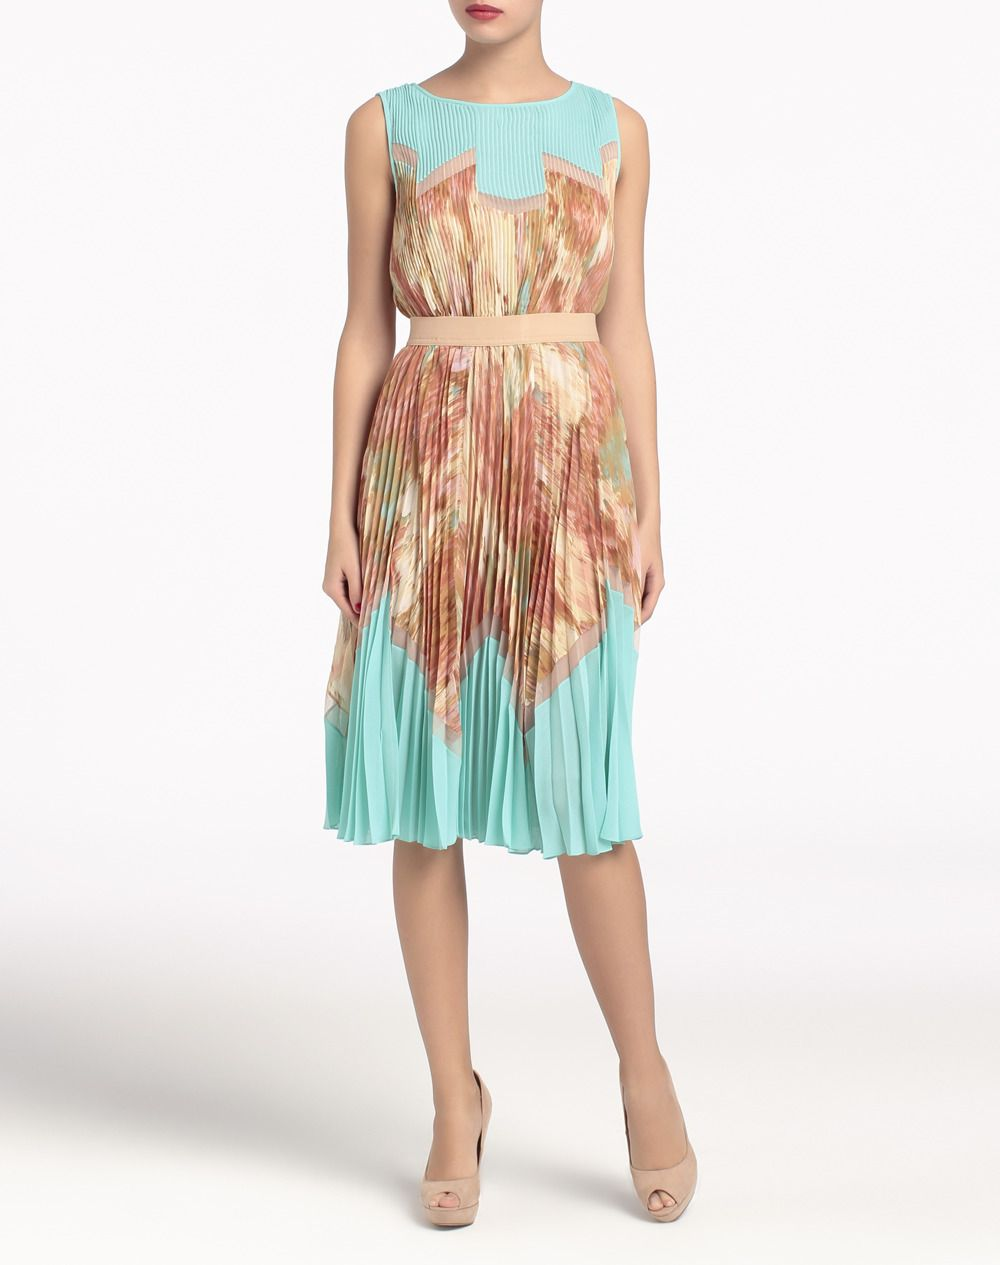 58ec5f30e Vestido BCBG MAXAZRIA - Mujer - Moda y complementos - El Corte Inglés -  Vestidos